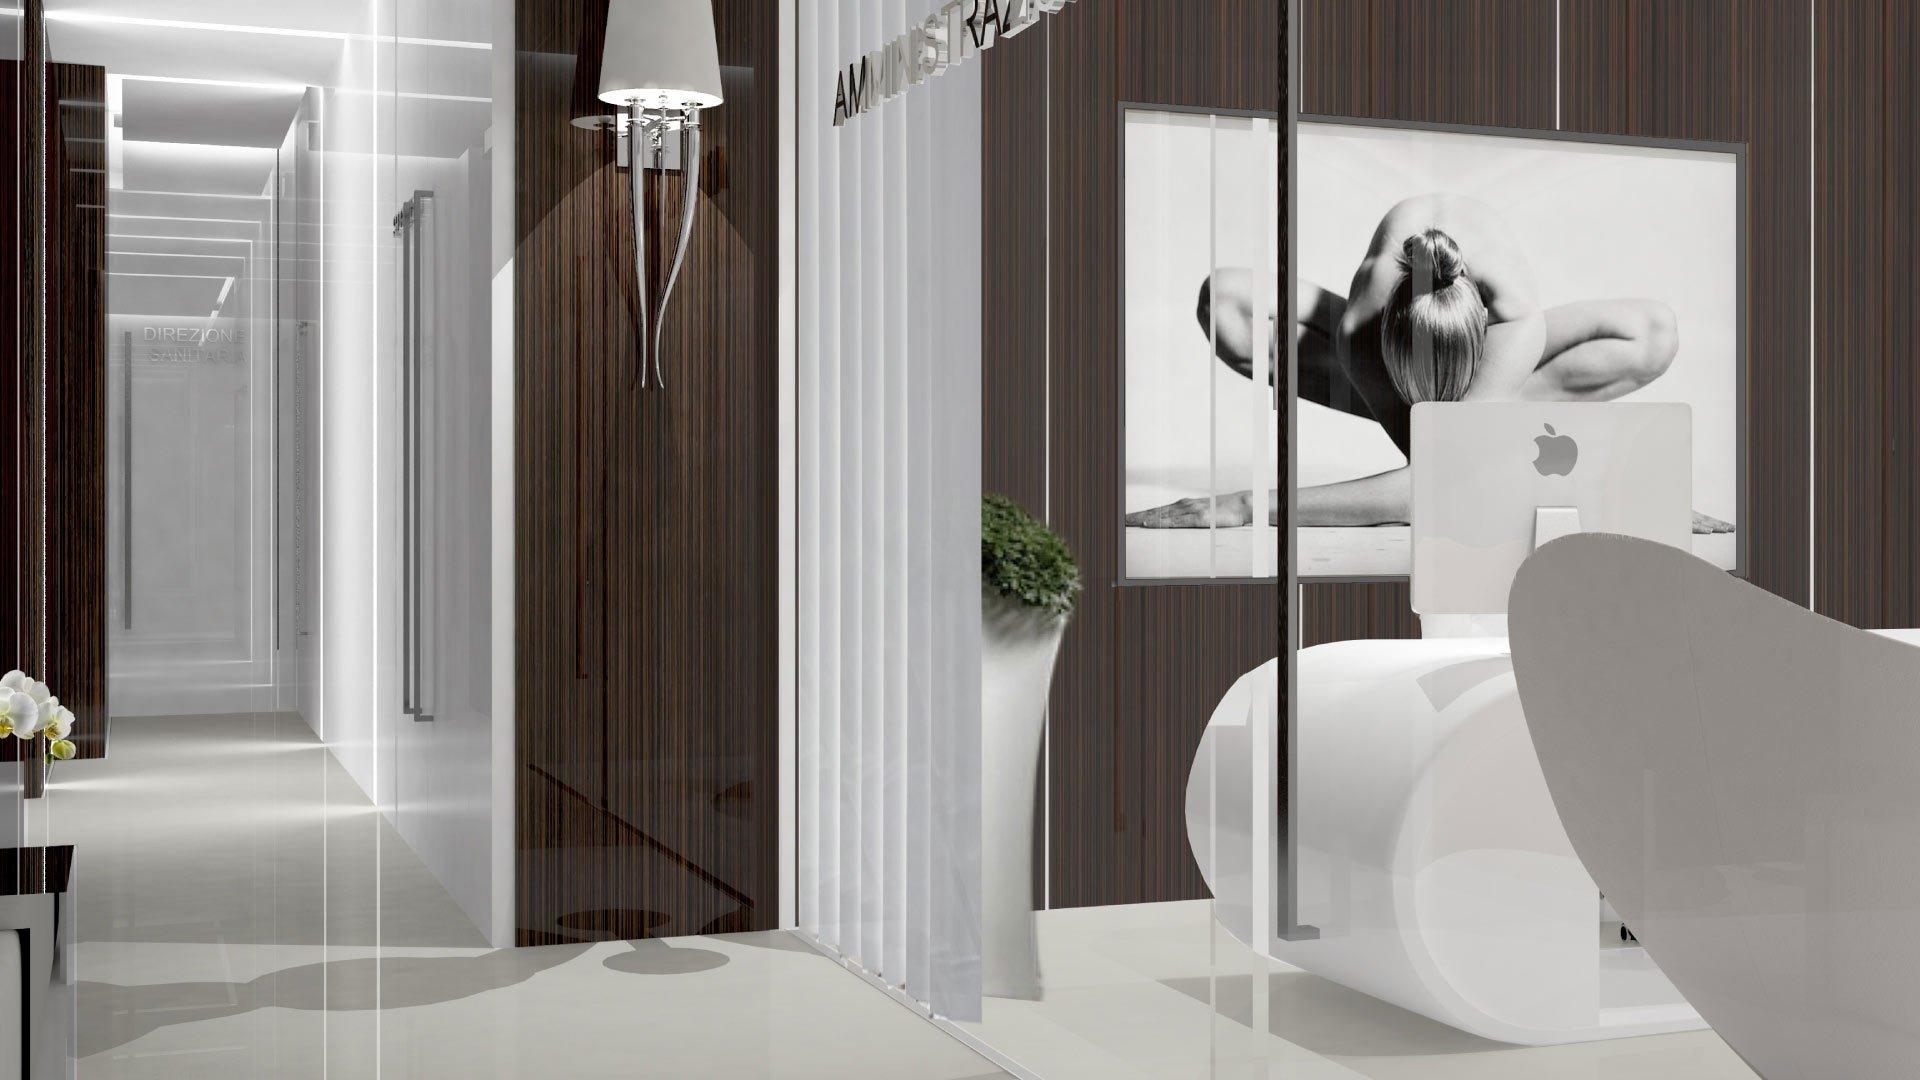 Architetti Campana - Clinica Novamedis - Corridoio - Render